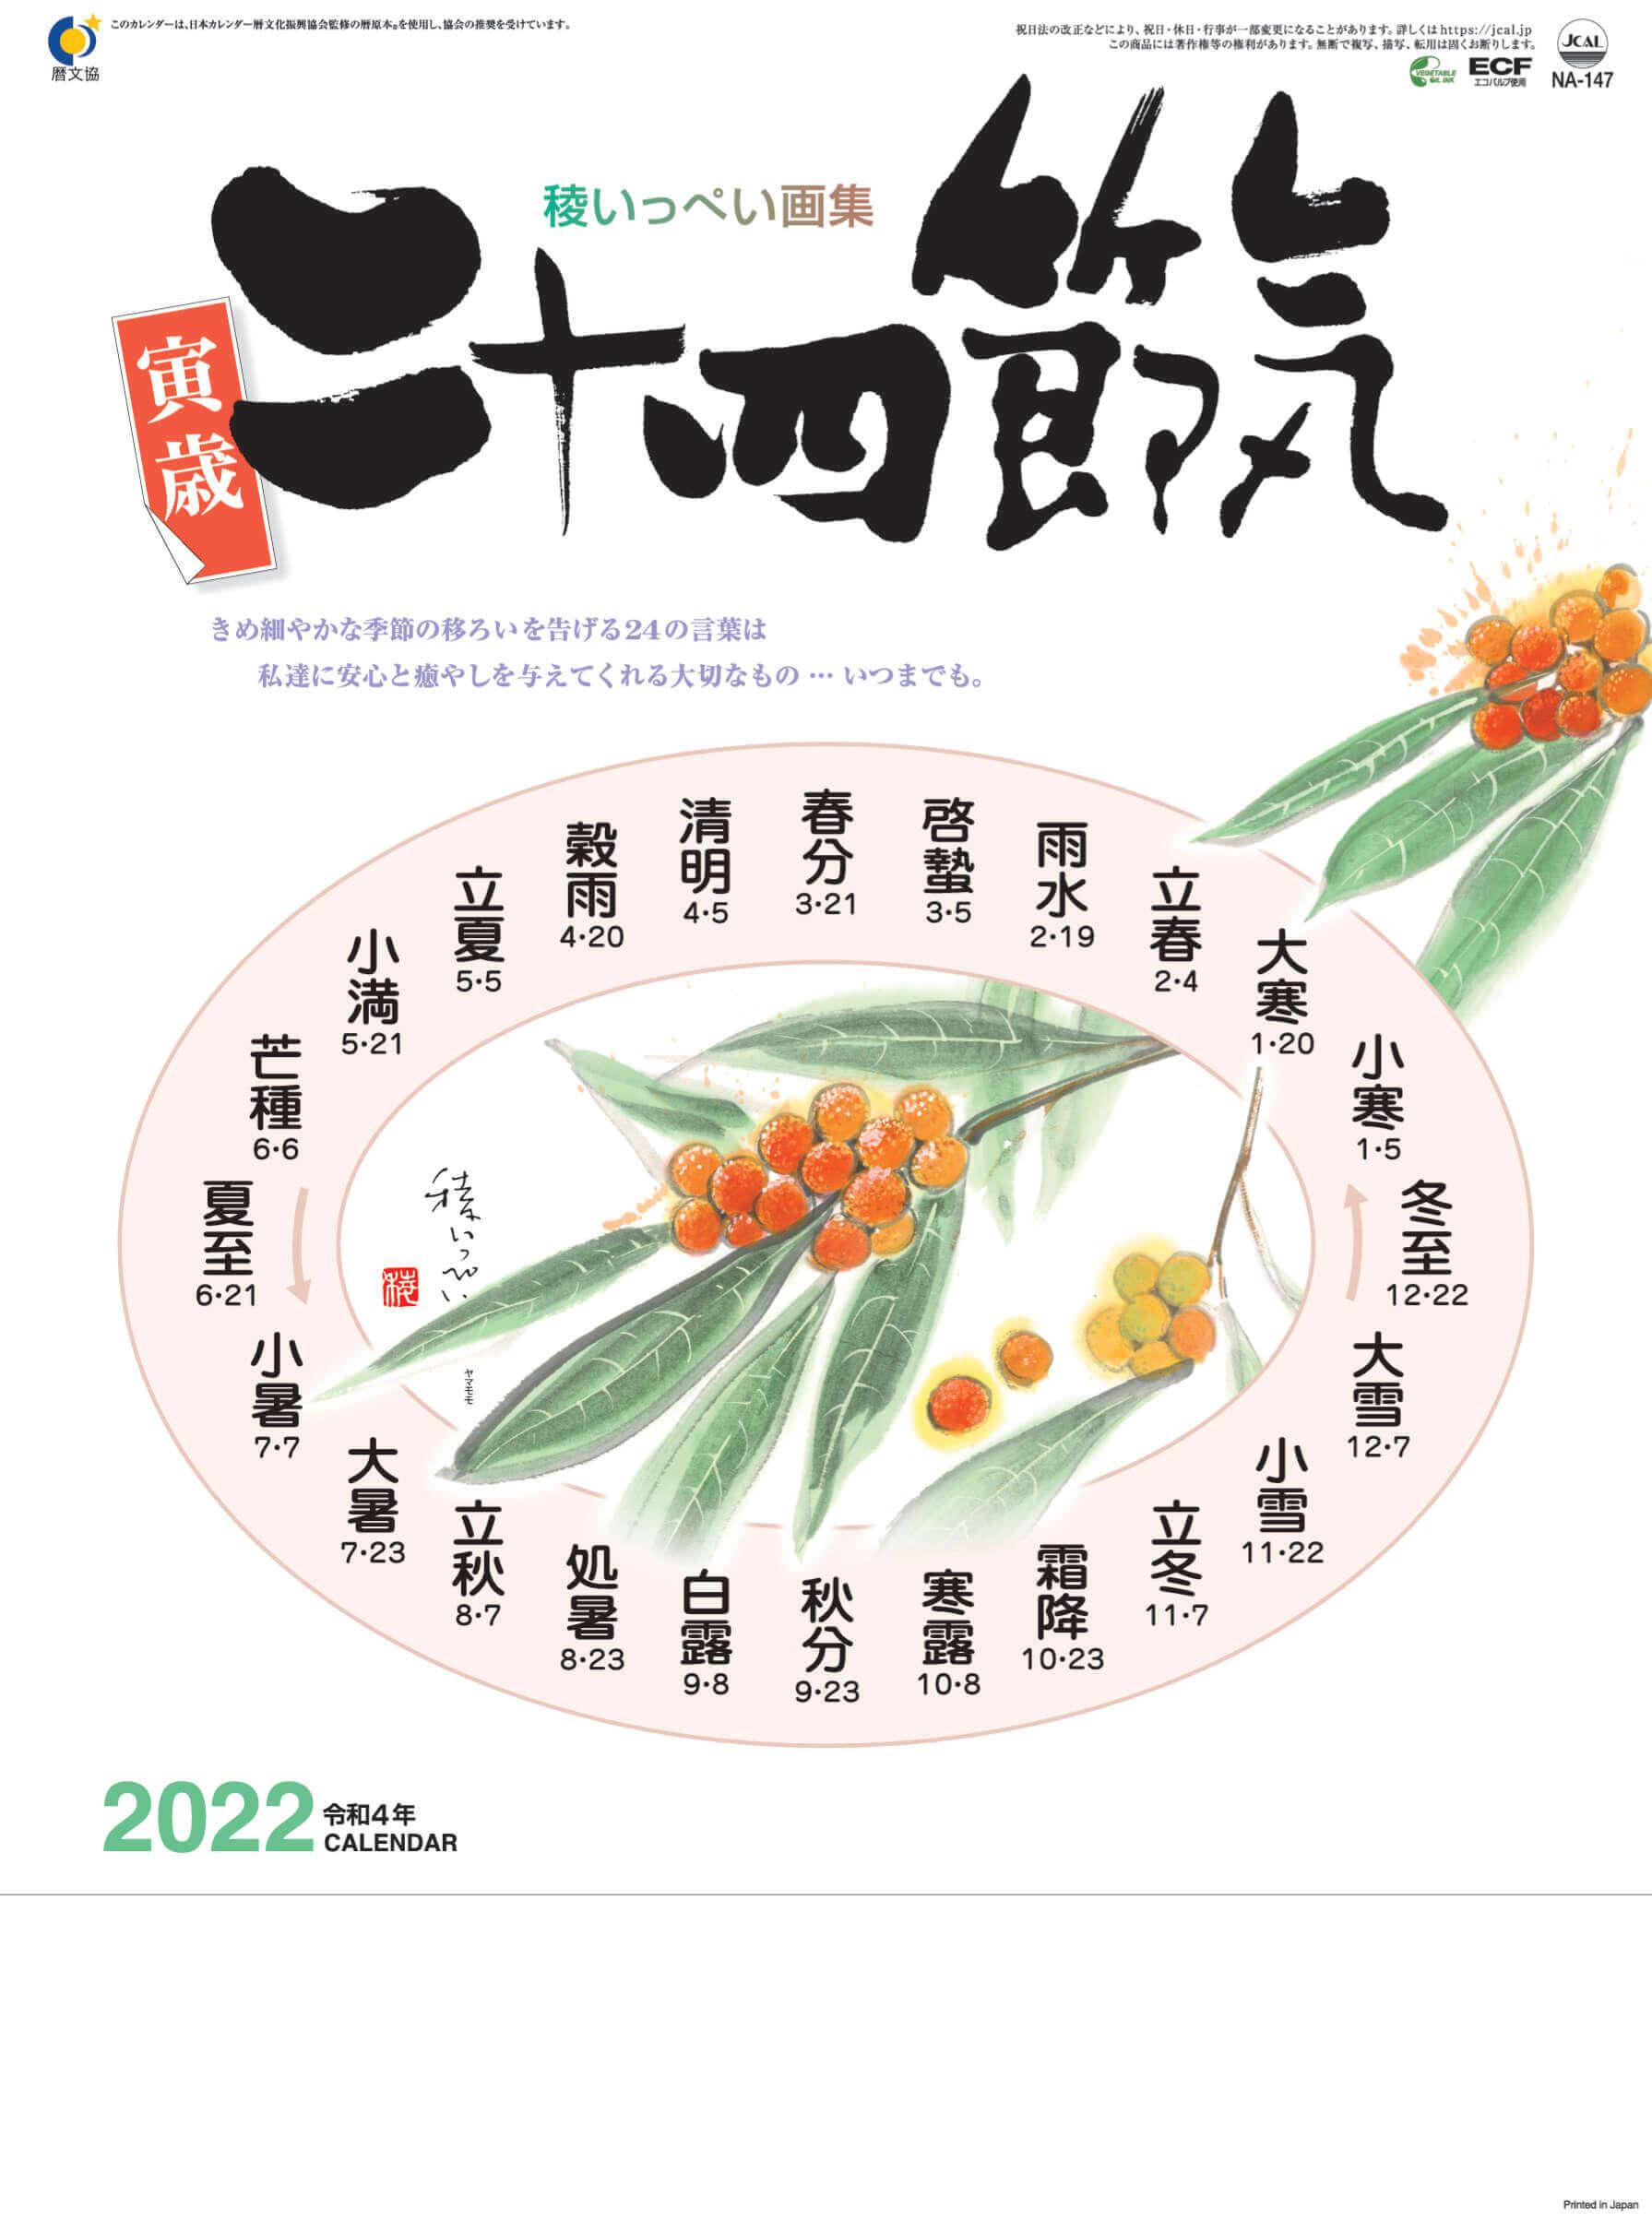 二十四節季 2022年カレンダーの画像